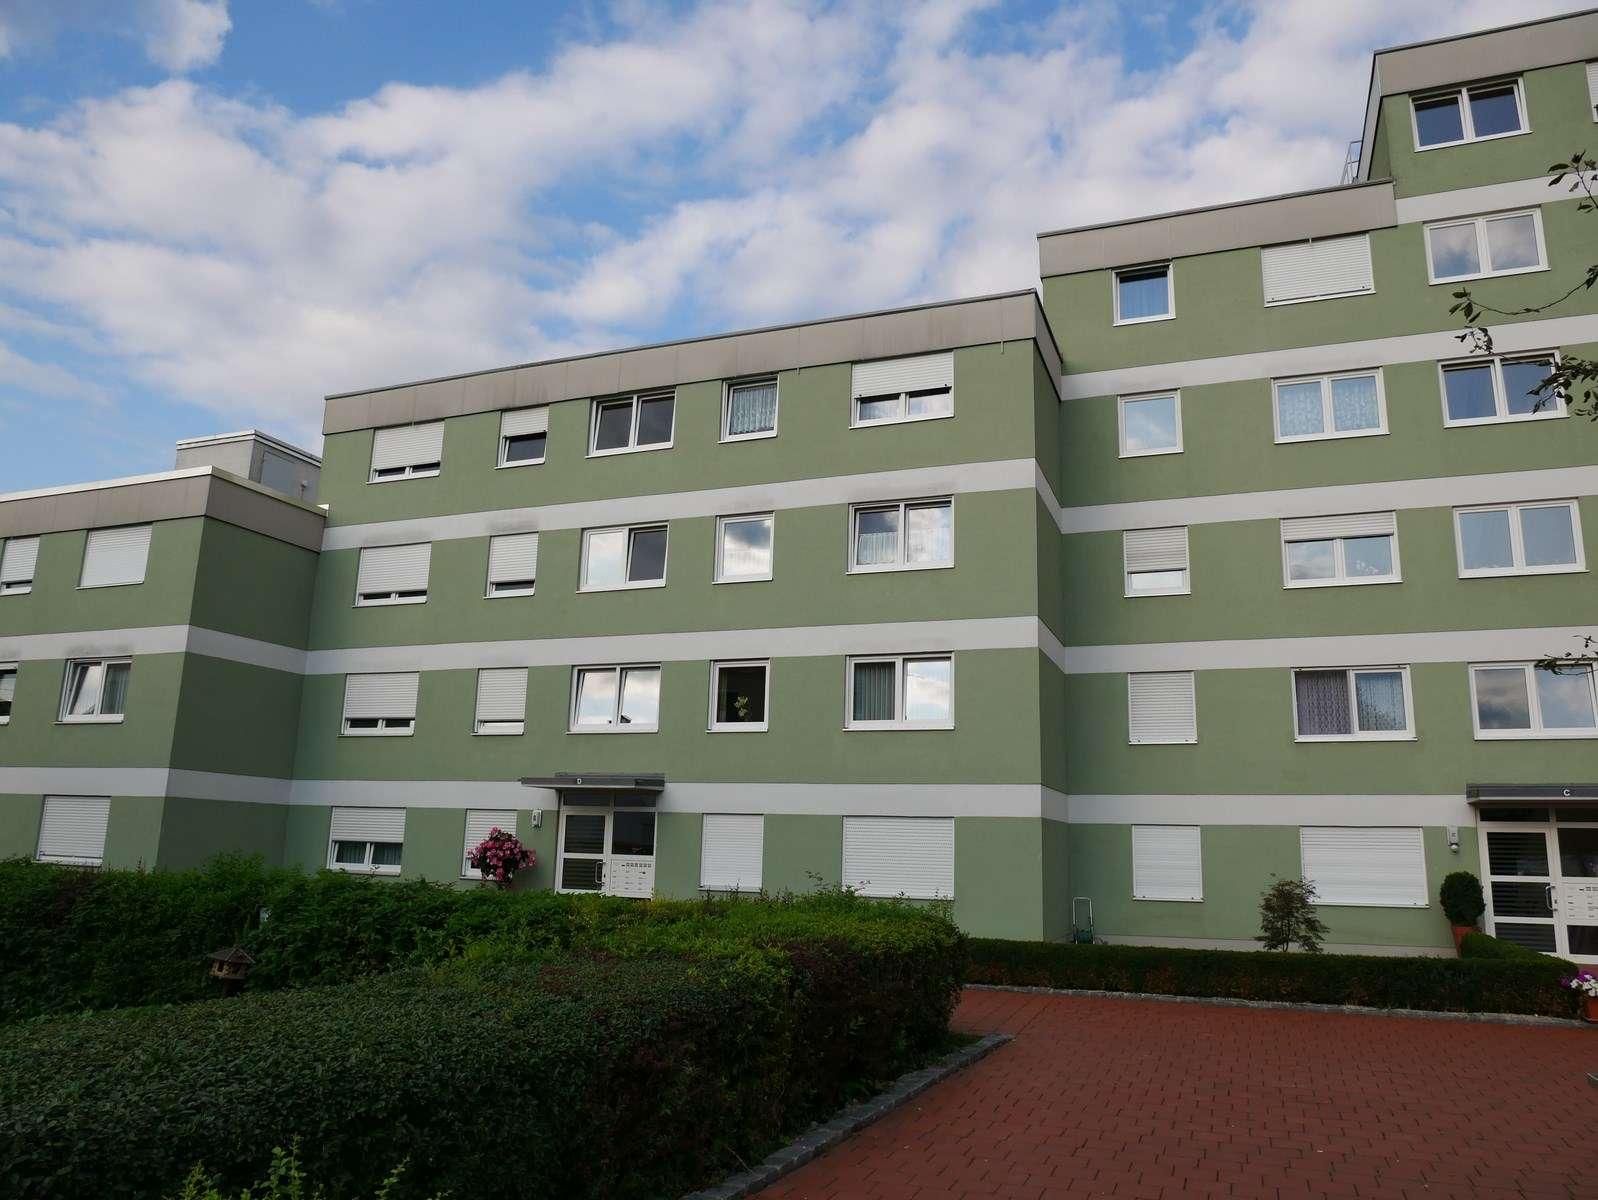 2-Zimmerwohnung in zentraler Lage von DEG sucht nette Mieter in Deggendorf